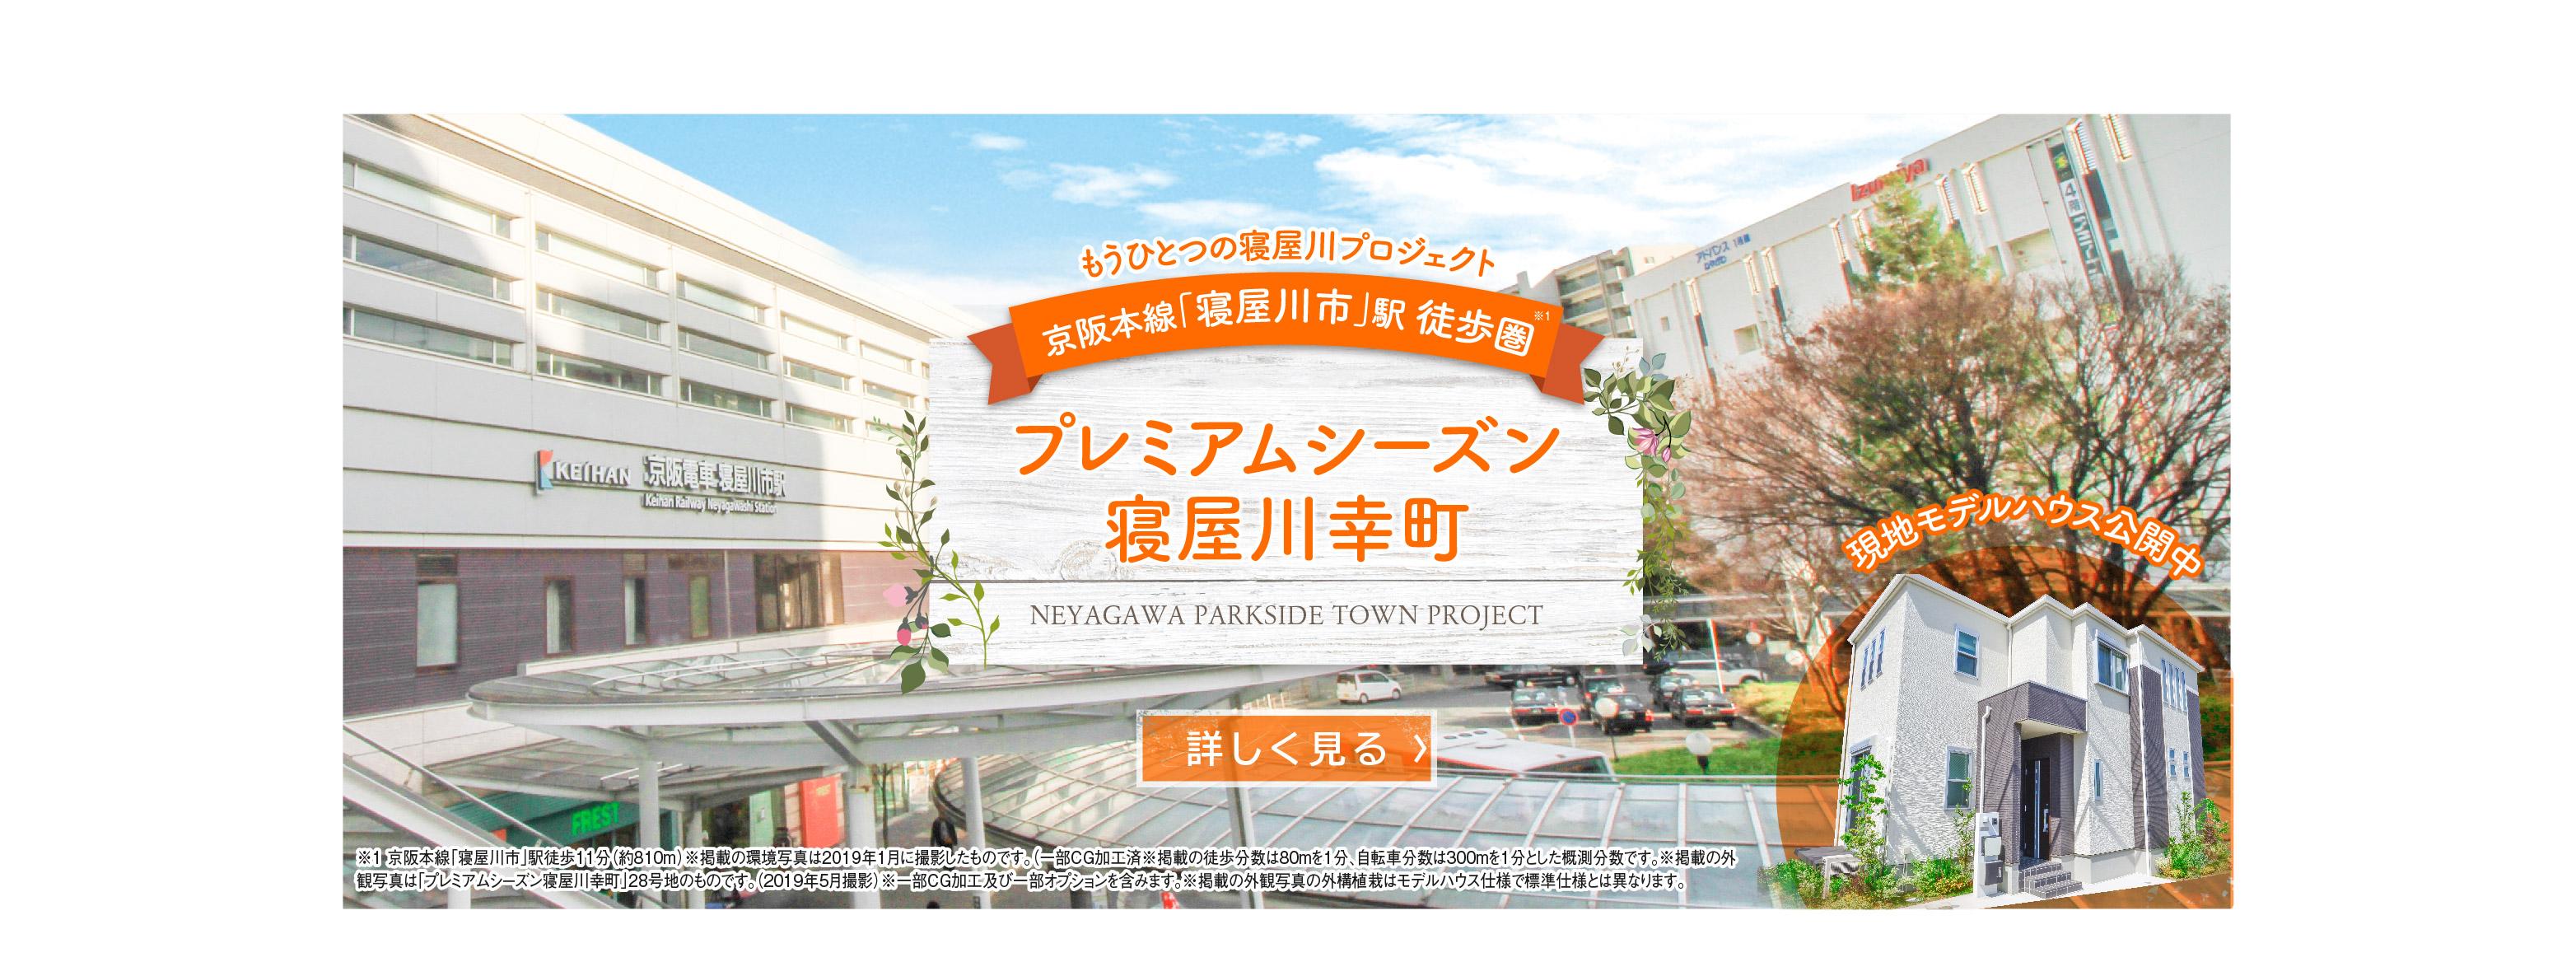 【もうひとつの寝屋川プロジェクト】プレミアムシーズン寝屋川幸町